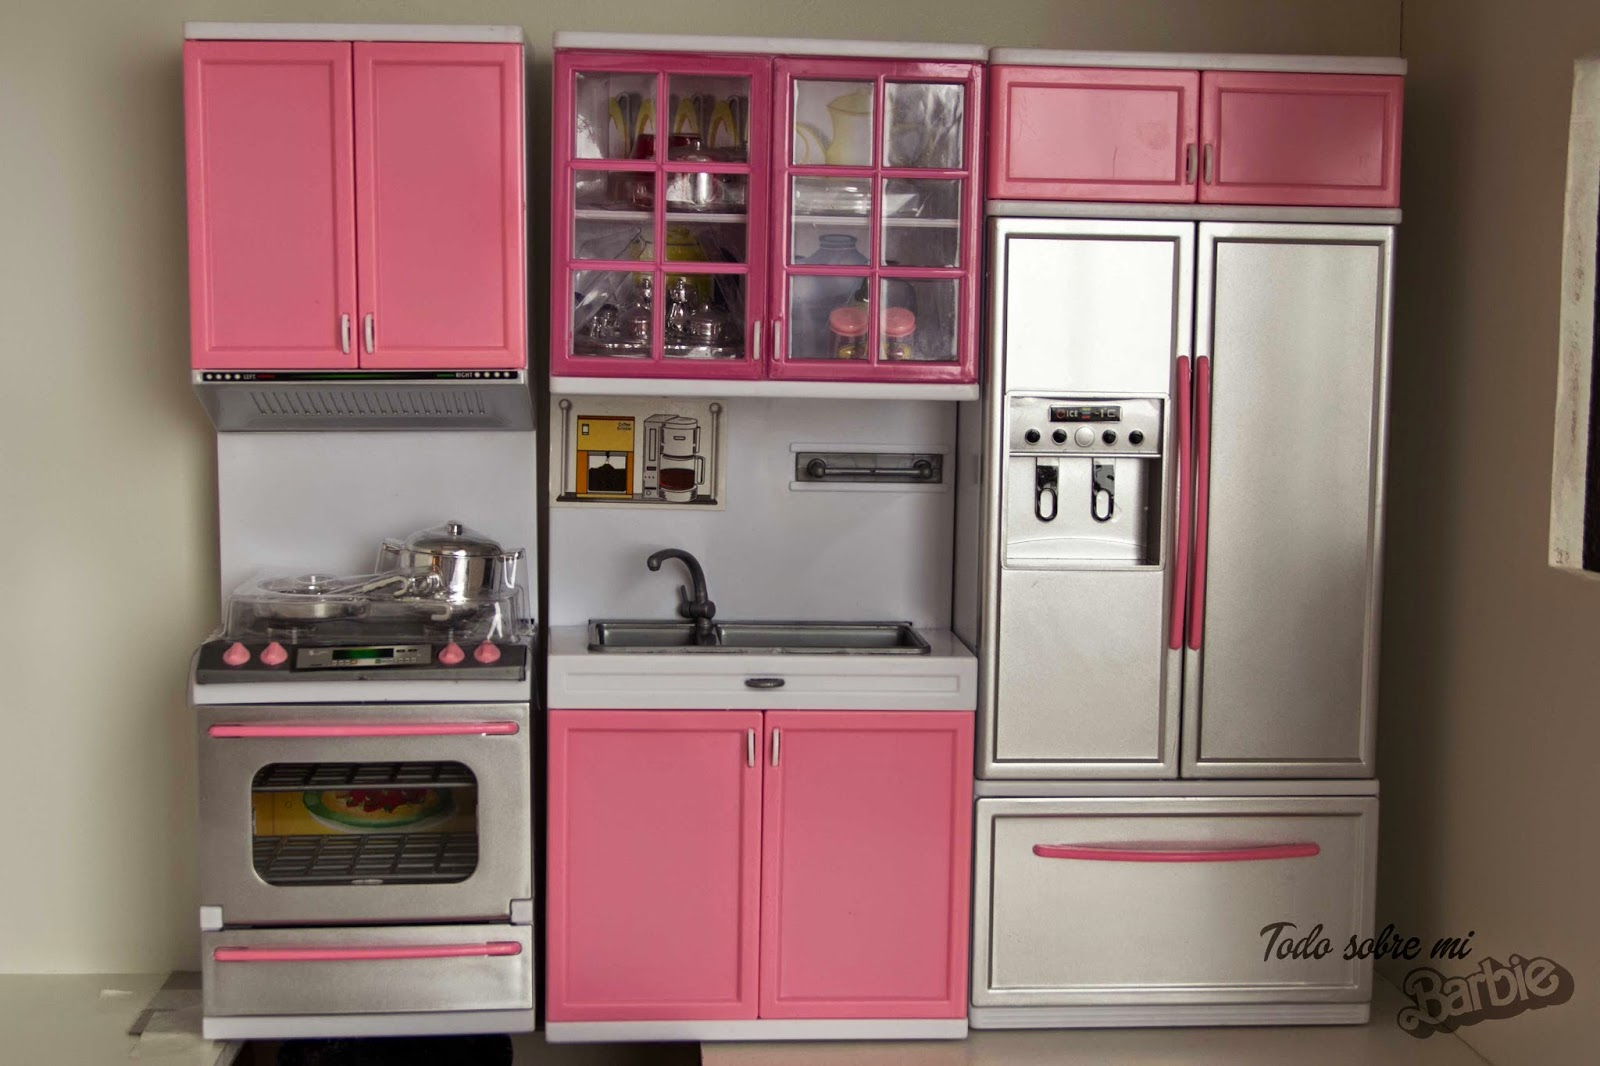 Todo sobre mi barbie regalos de cumple ii cocina - Todo sobre la cocina ...